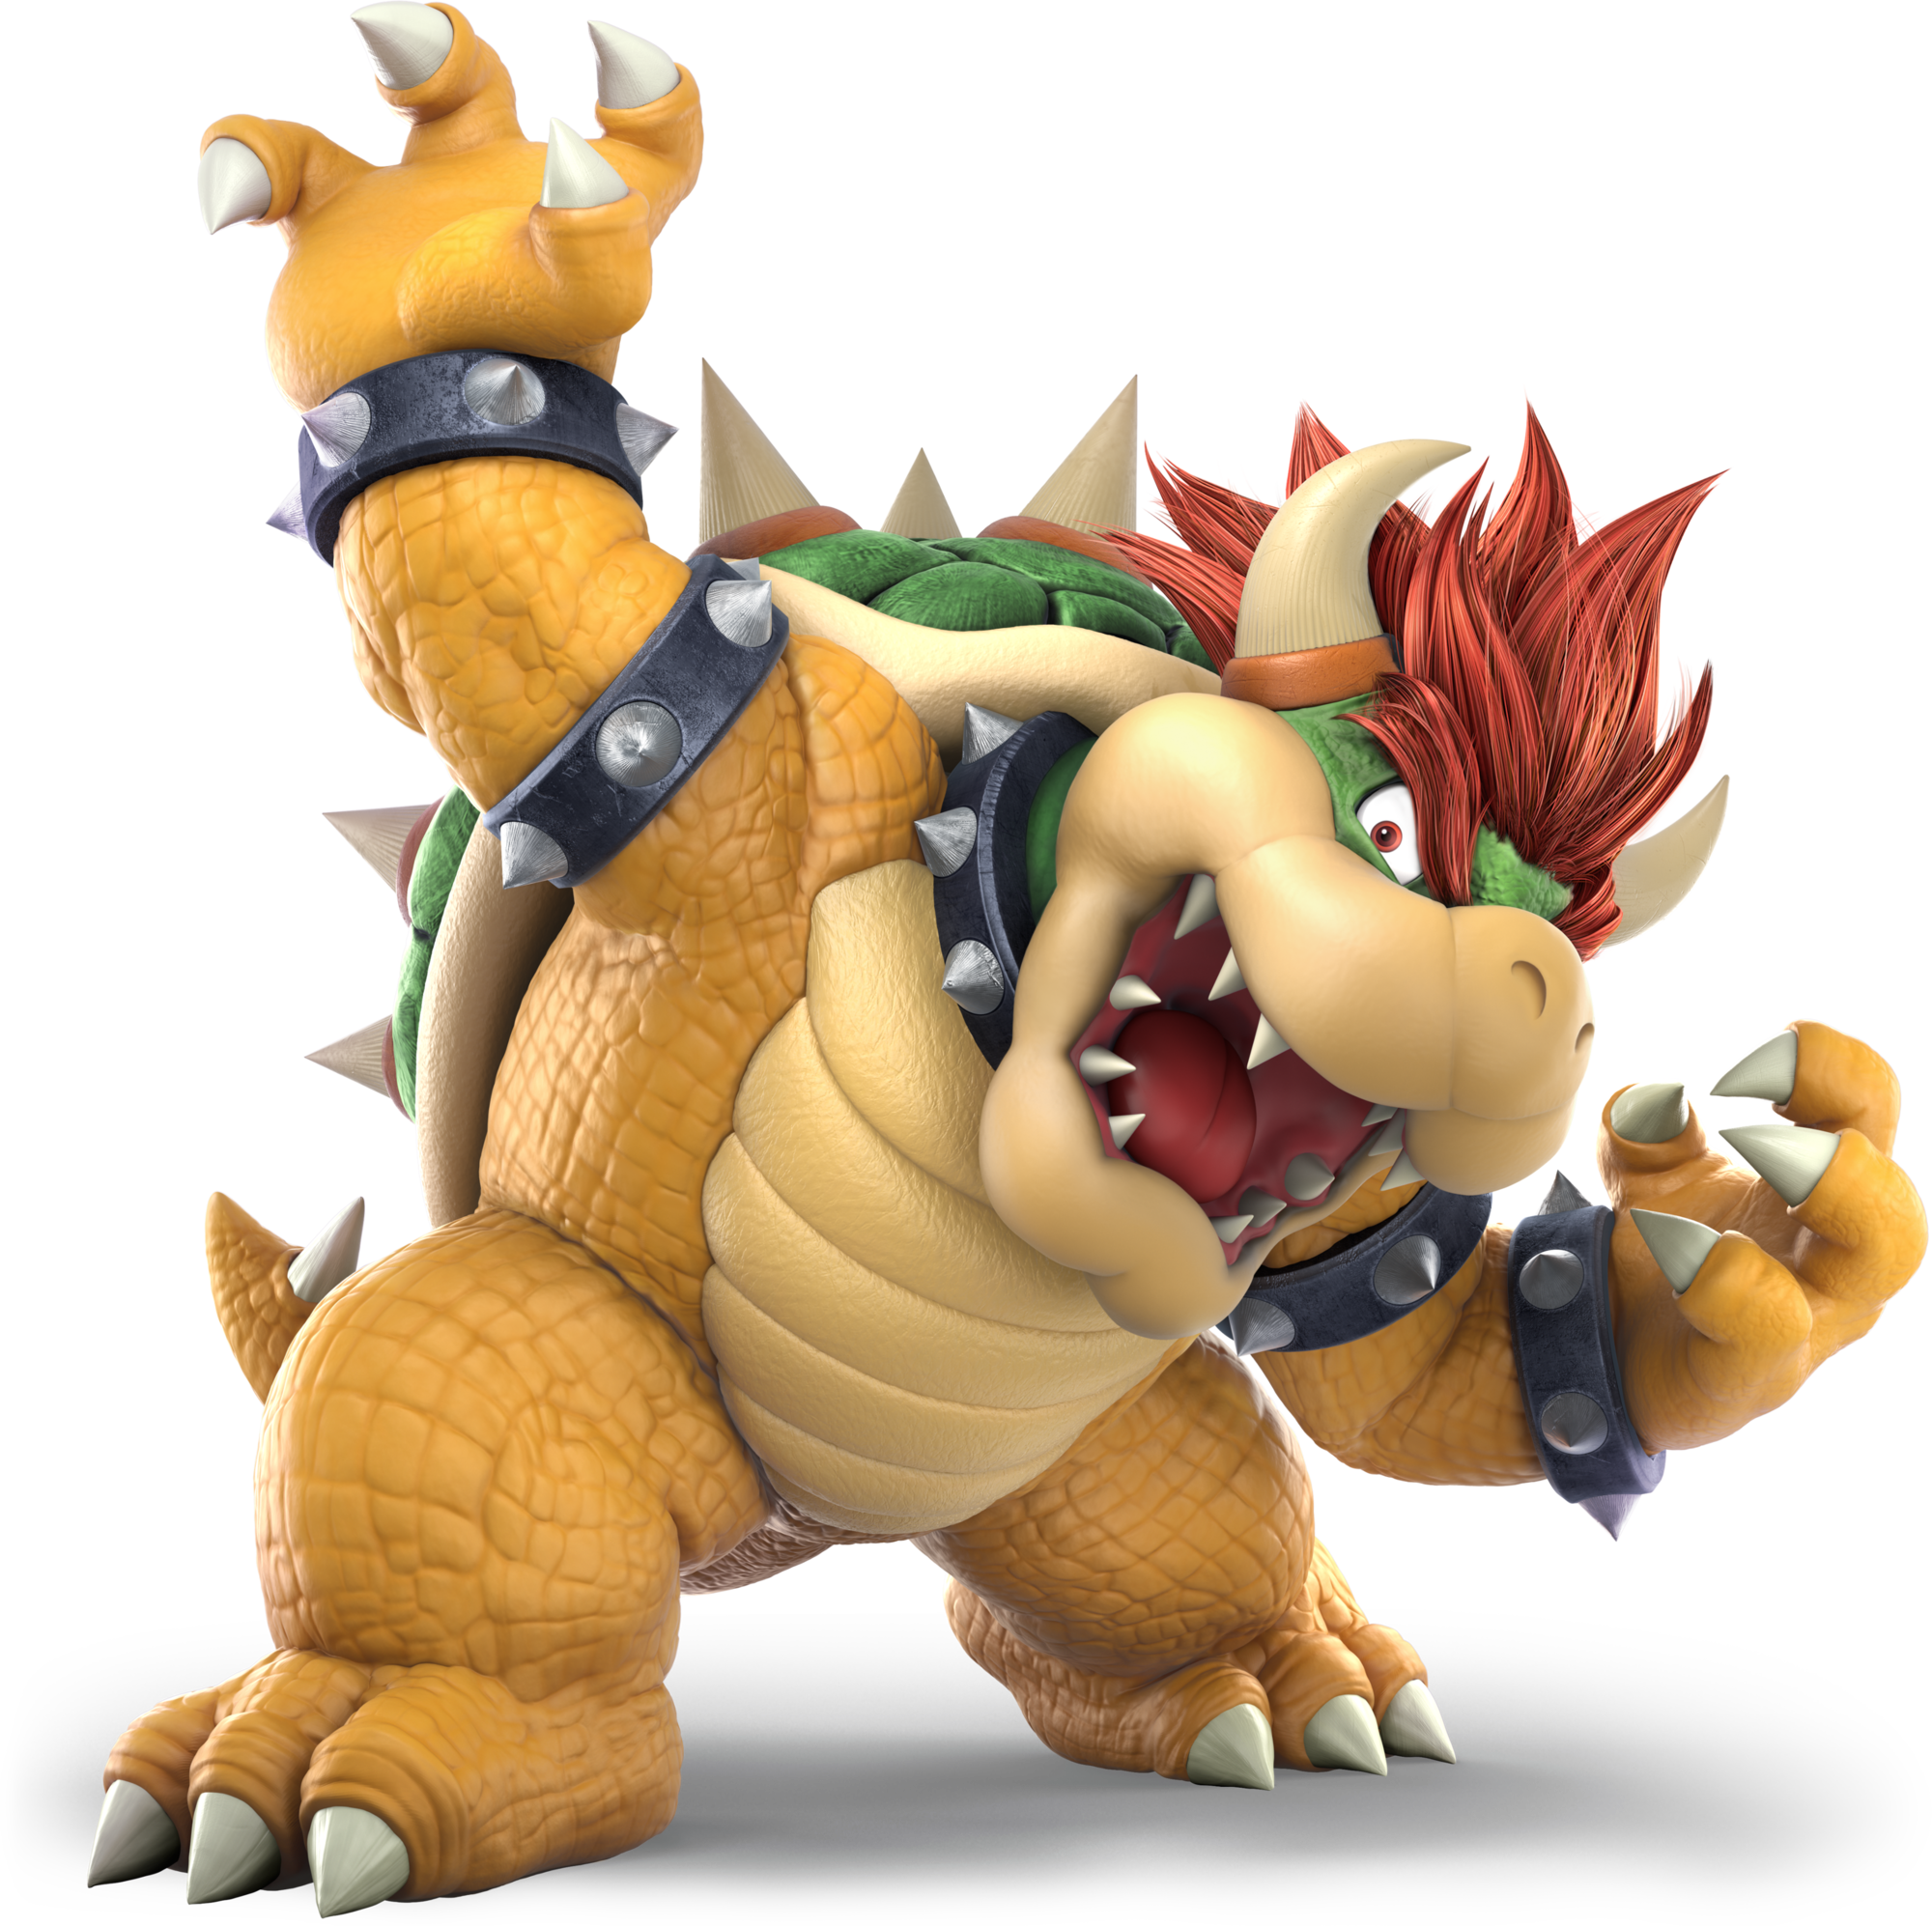 Bowser Bowser Super Mario Bros Nintendo Mario Art